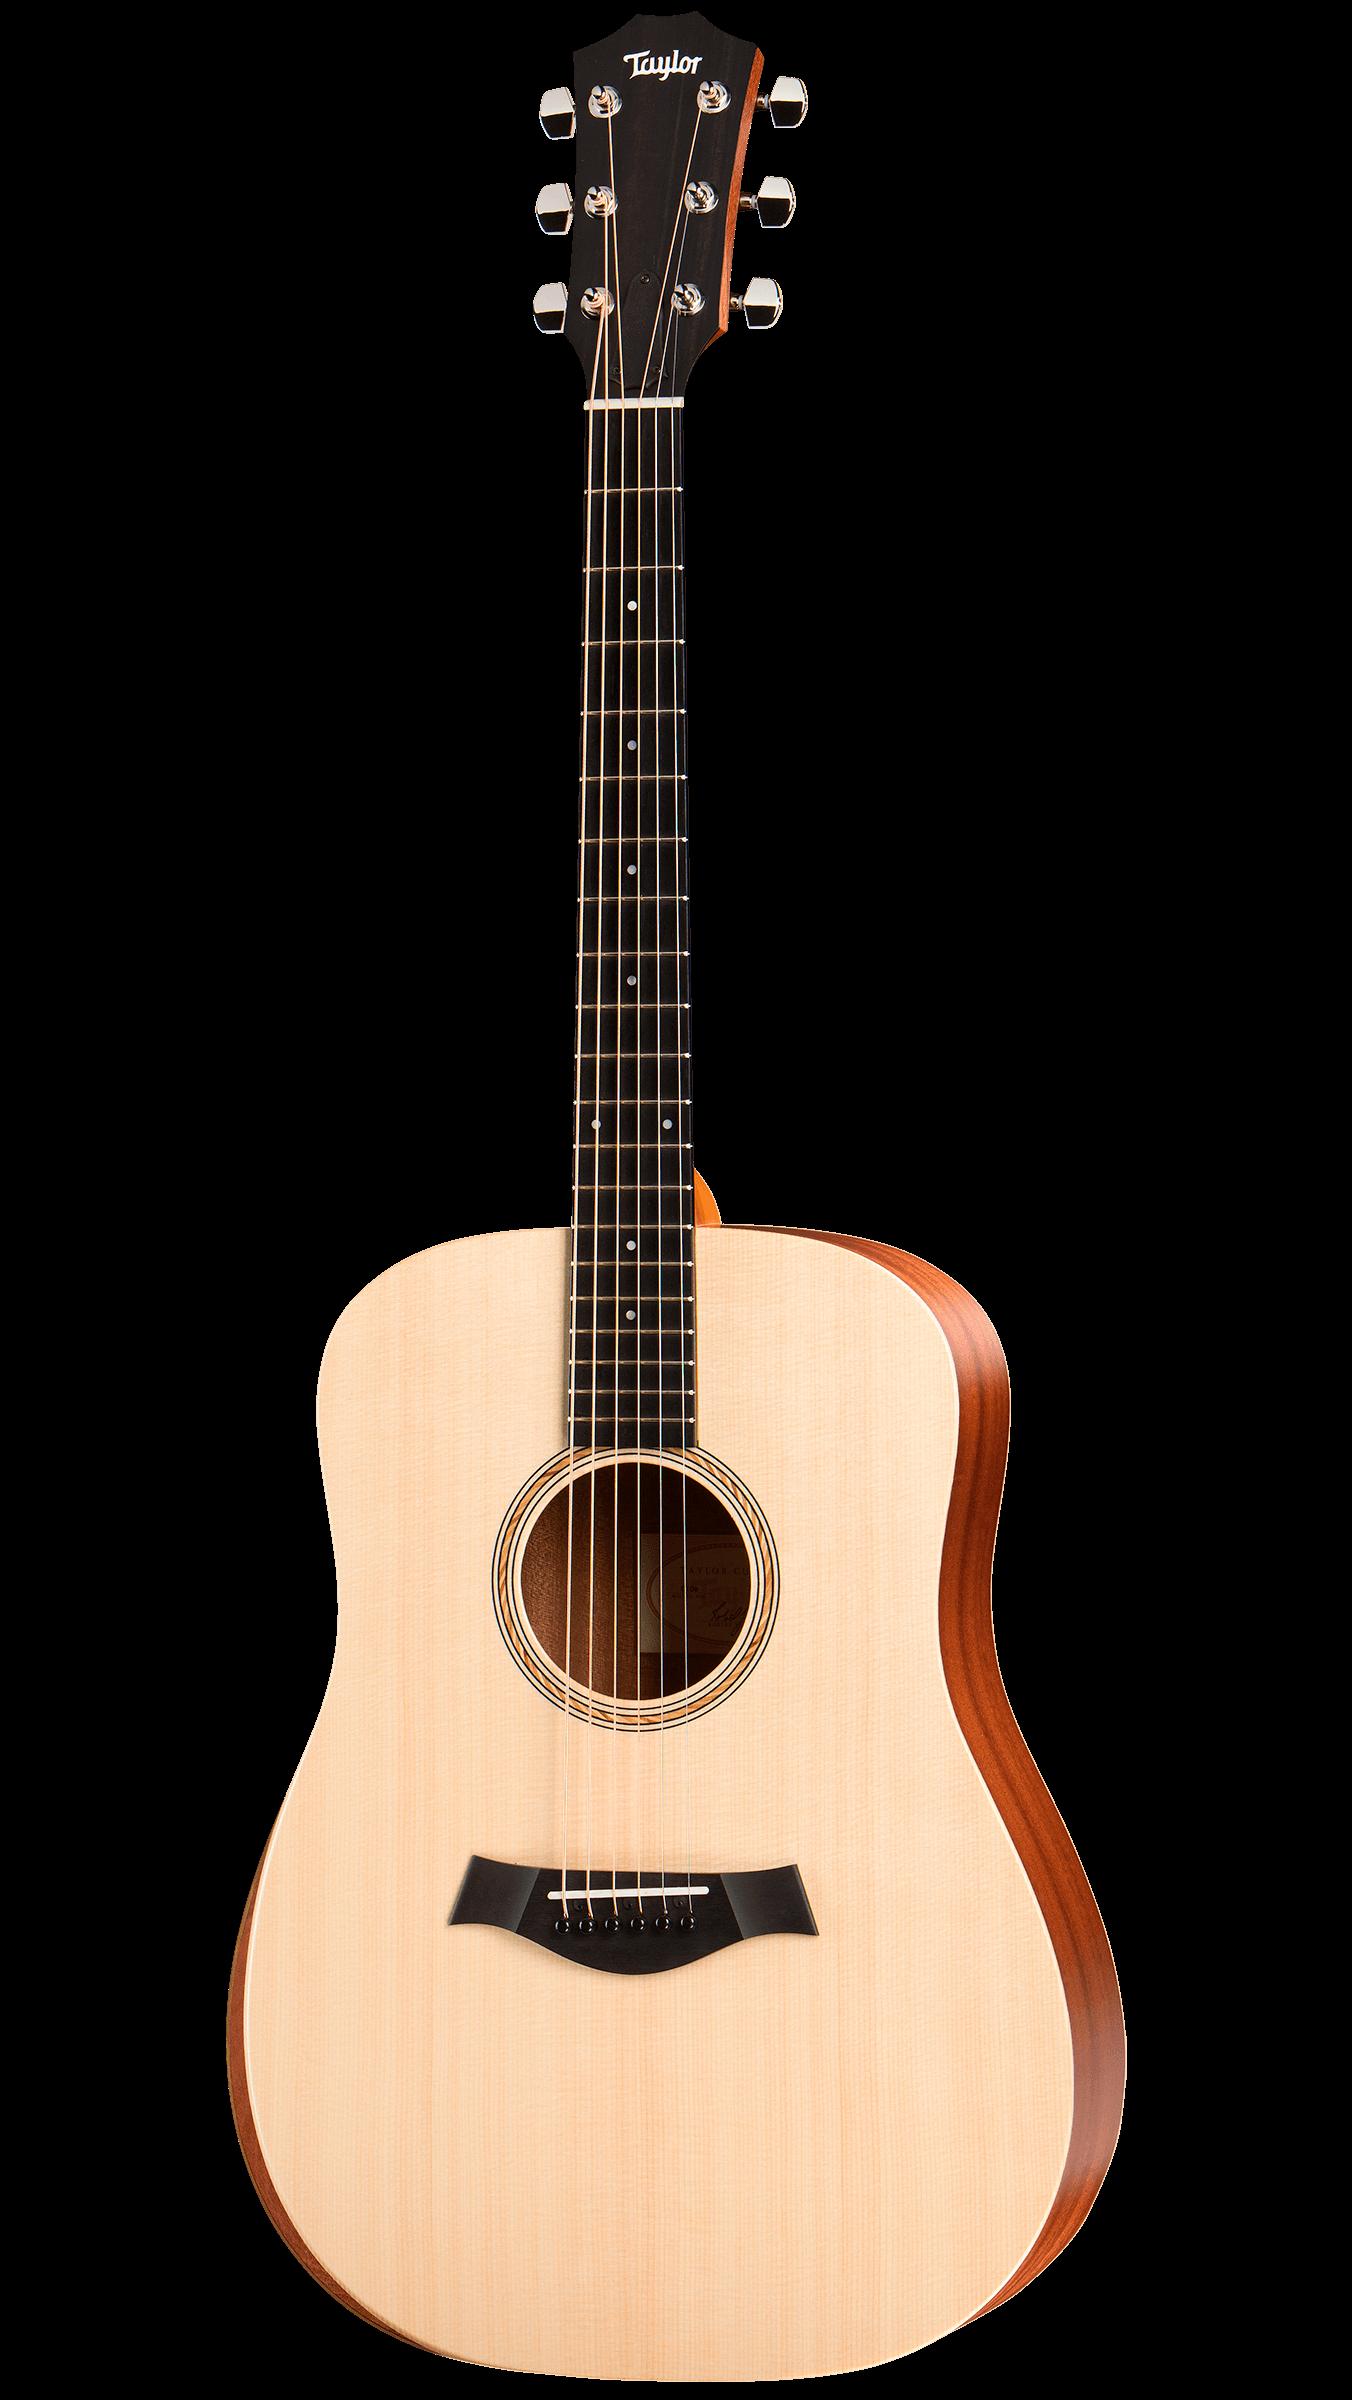 Taylor a e academy. Clipart guitar concert